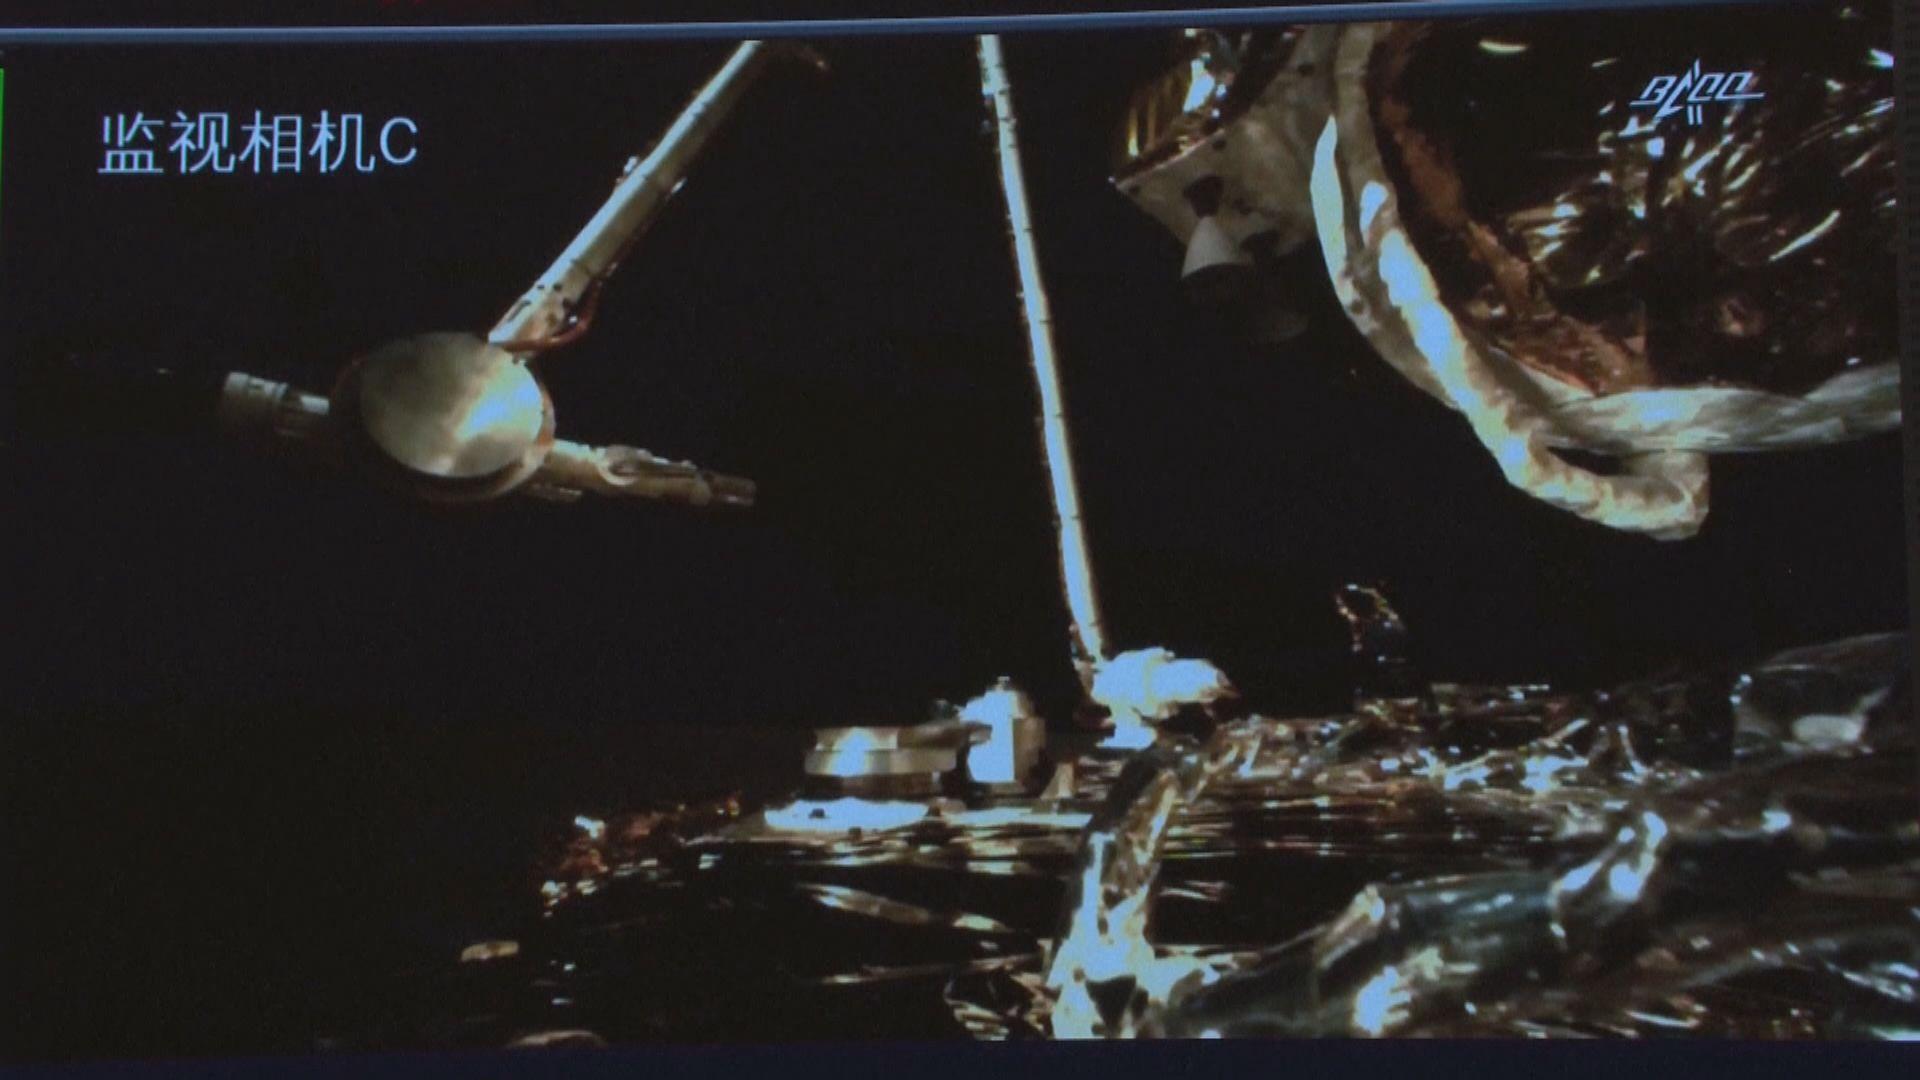 分析認為嫦娥五號任務成功開啟太空競爭新時代